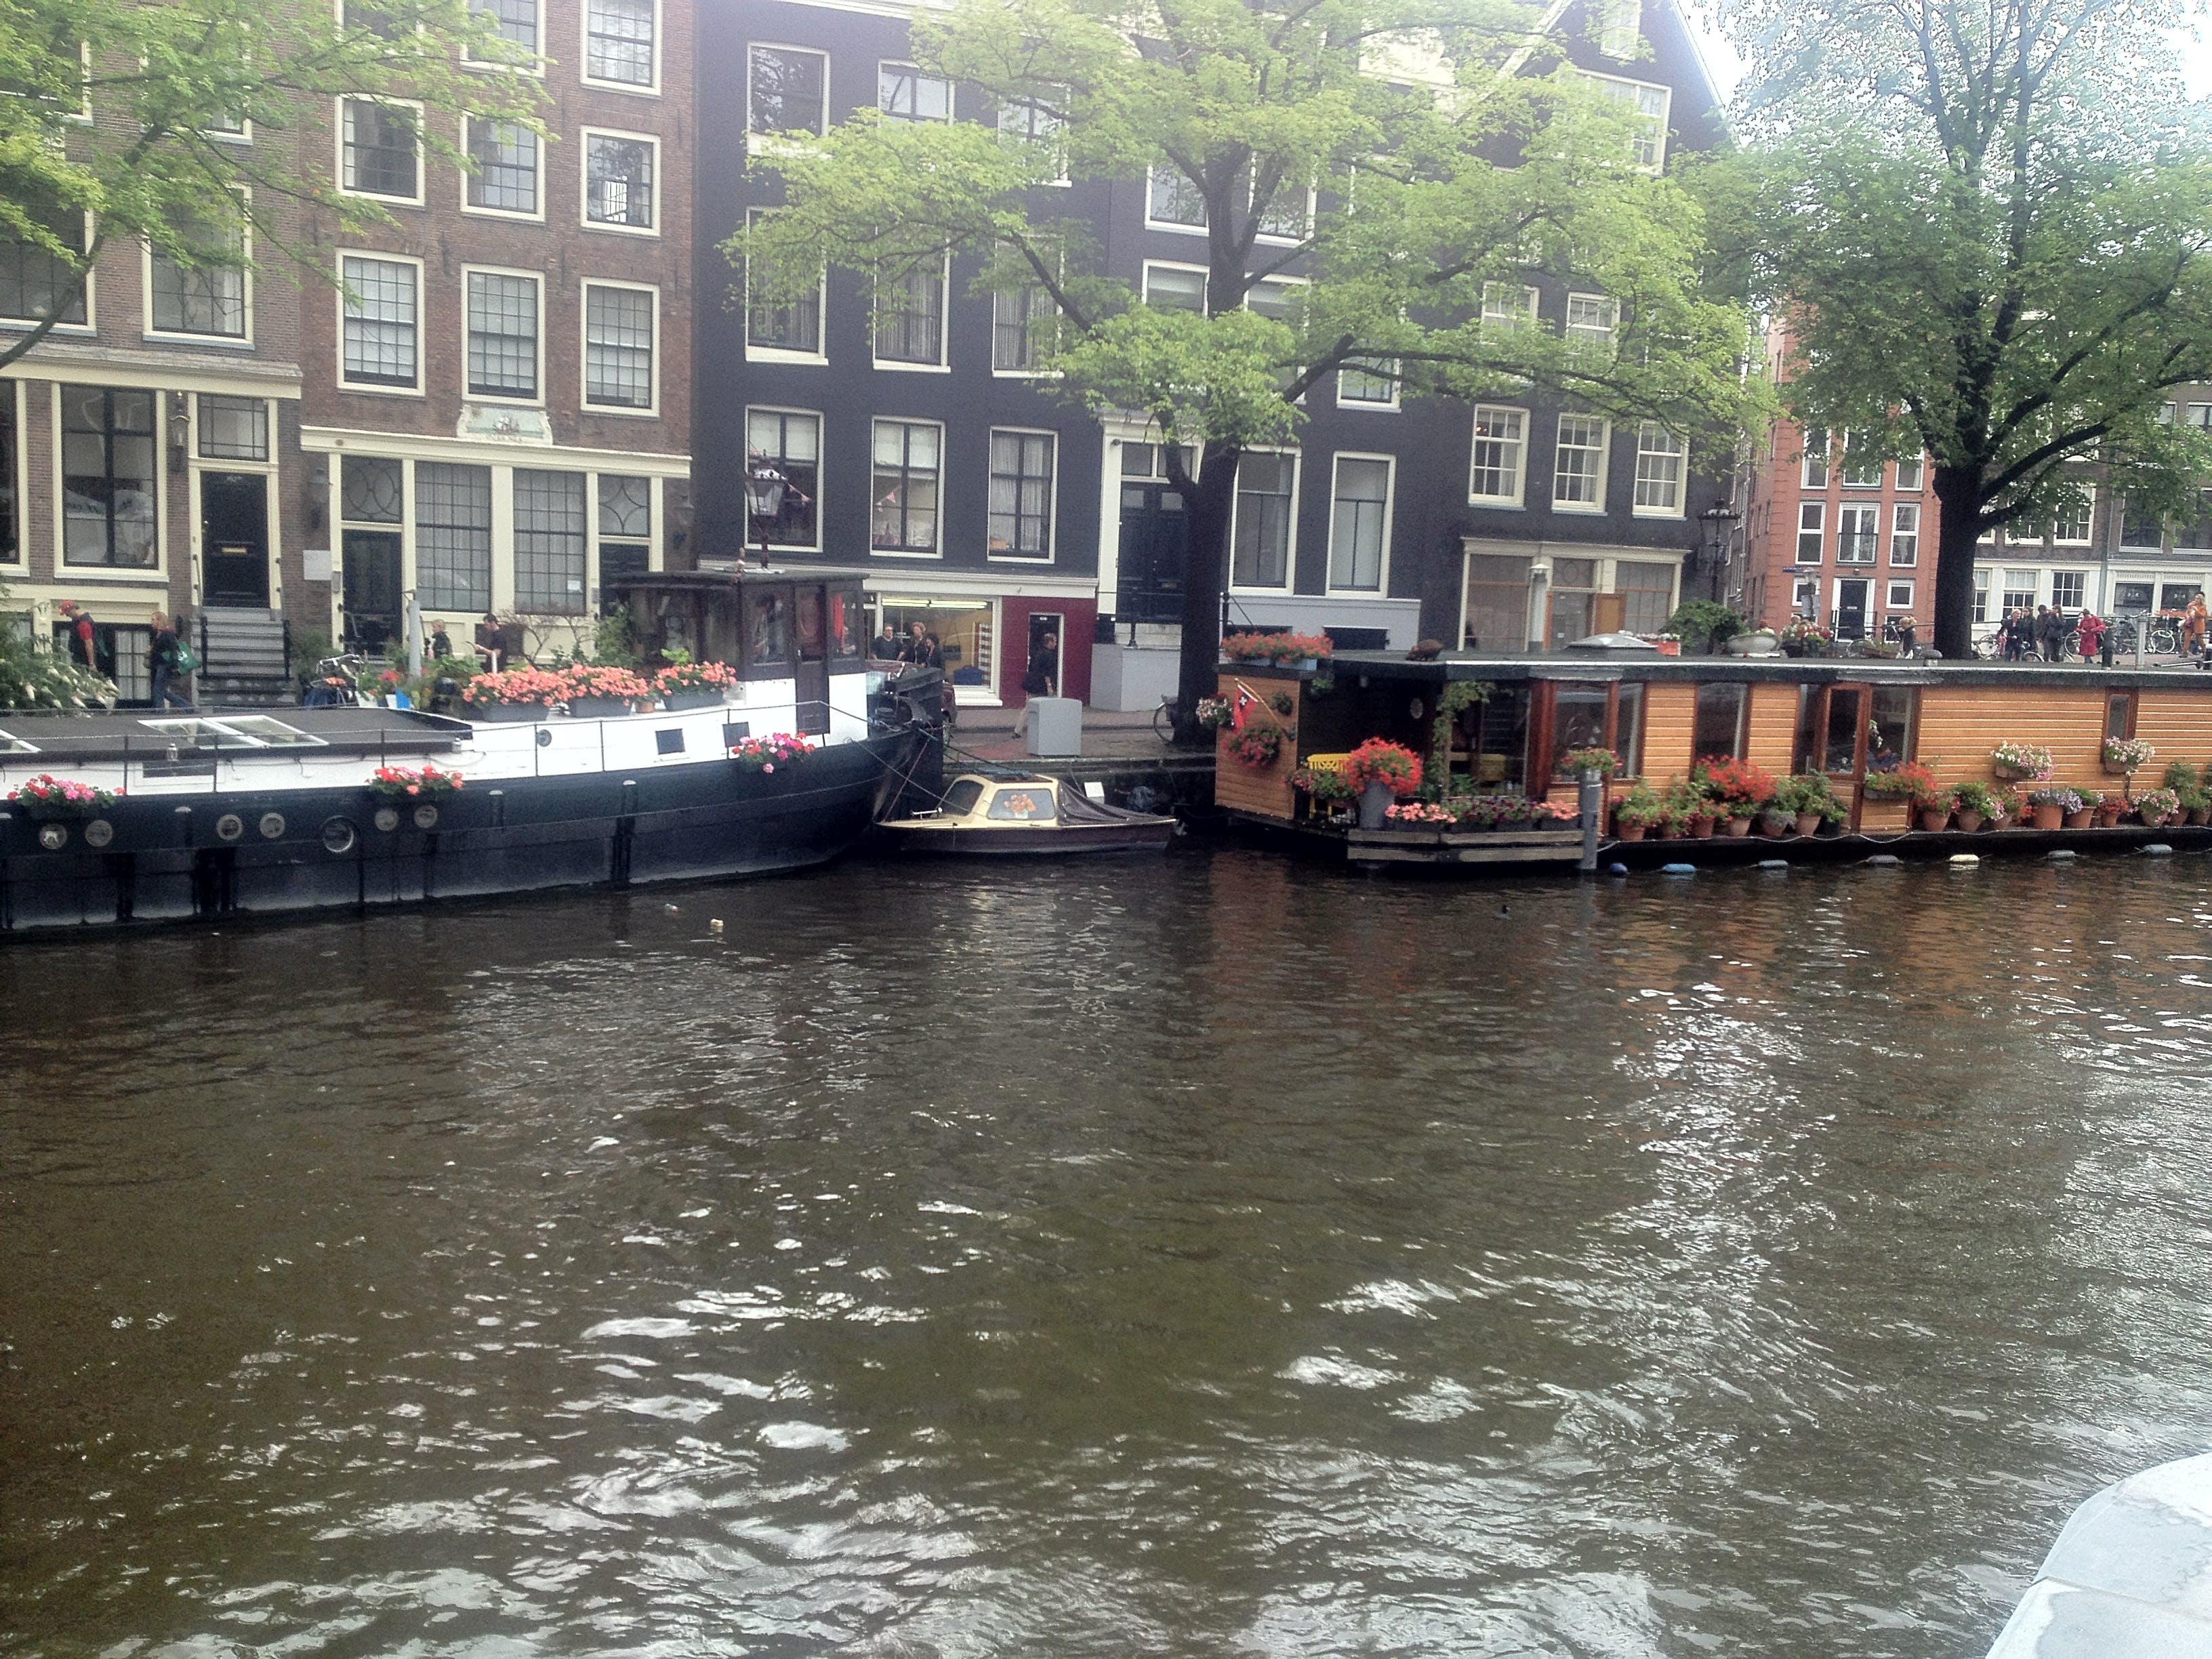 Gratis lagerfoto af kanal, kanalbåd, kanalen lever